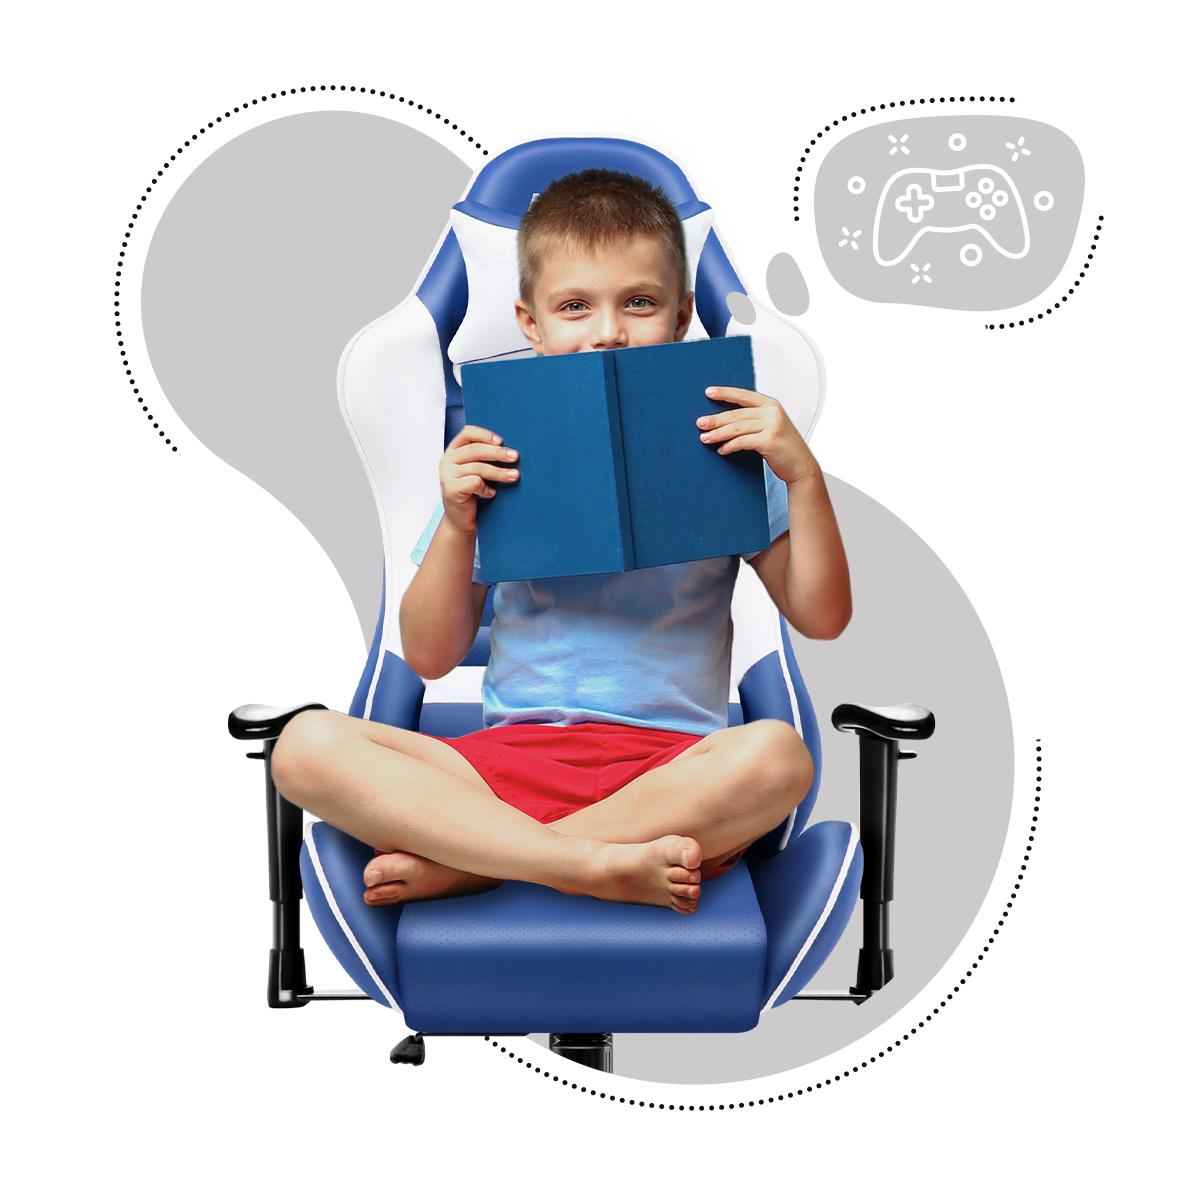 Ranger 6.0 Blue z dzieckiem trzymającym książkę